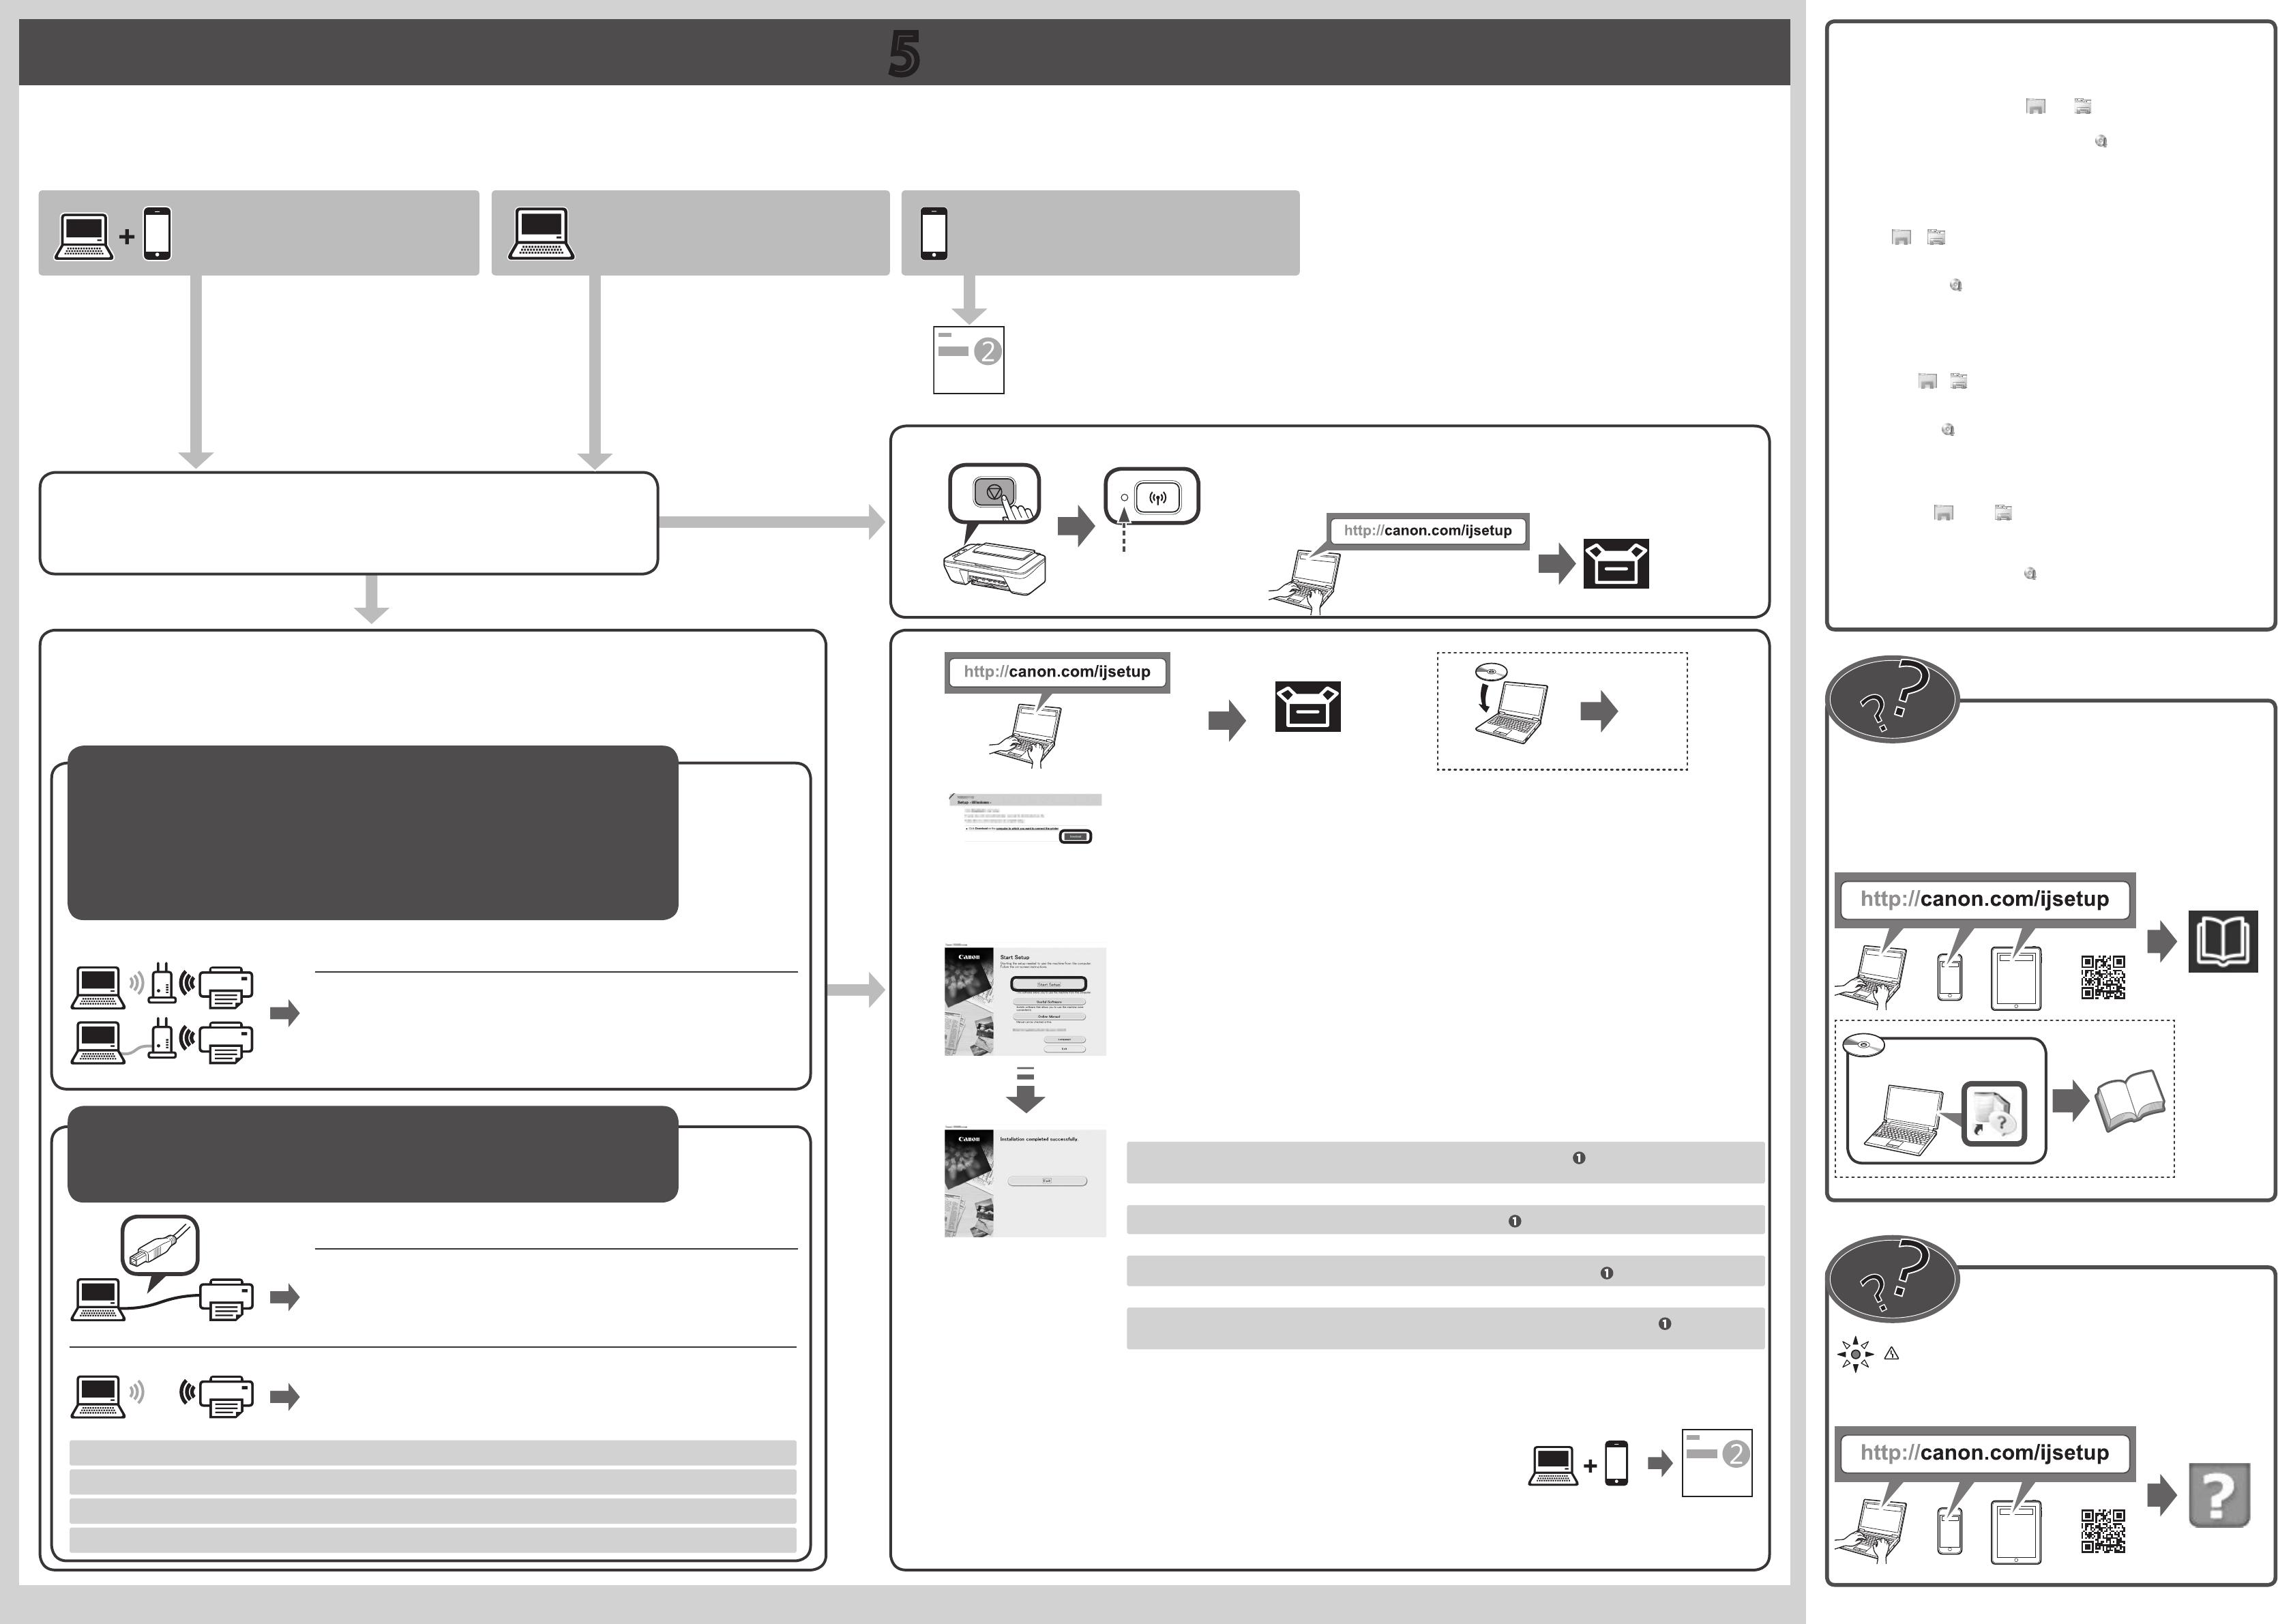 Bedienungsanleitung Canon PIXMA MG200 Mac Seite 200 von 20 ...